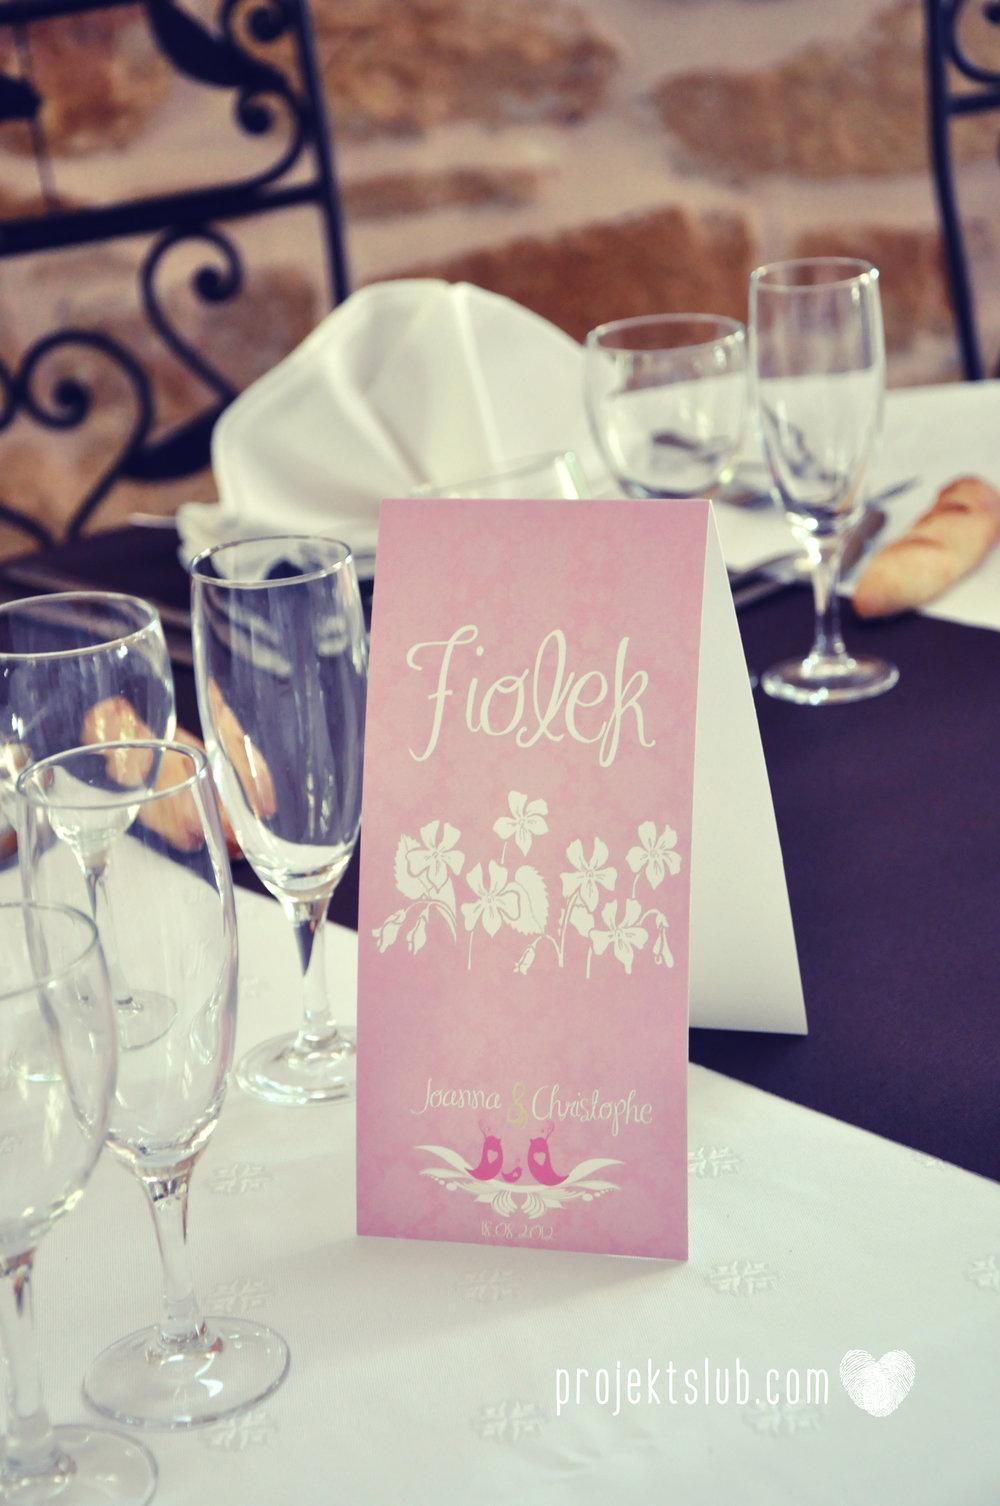 zaproszenia-ślubne-eleganckie-glamour-ptaszki-zaproszenia-dla-par-z-dzieckiem-różowy-róż-zielony-zaproszenia-projekt-ślub  (10).jpg